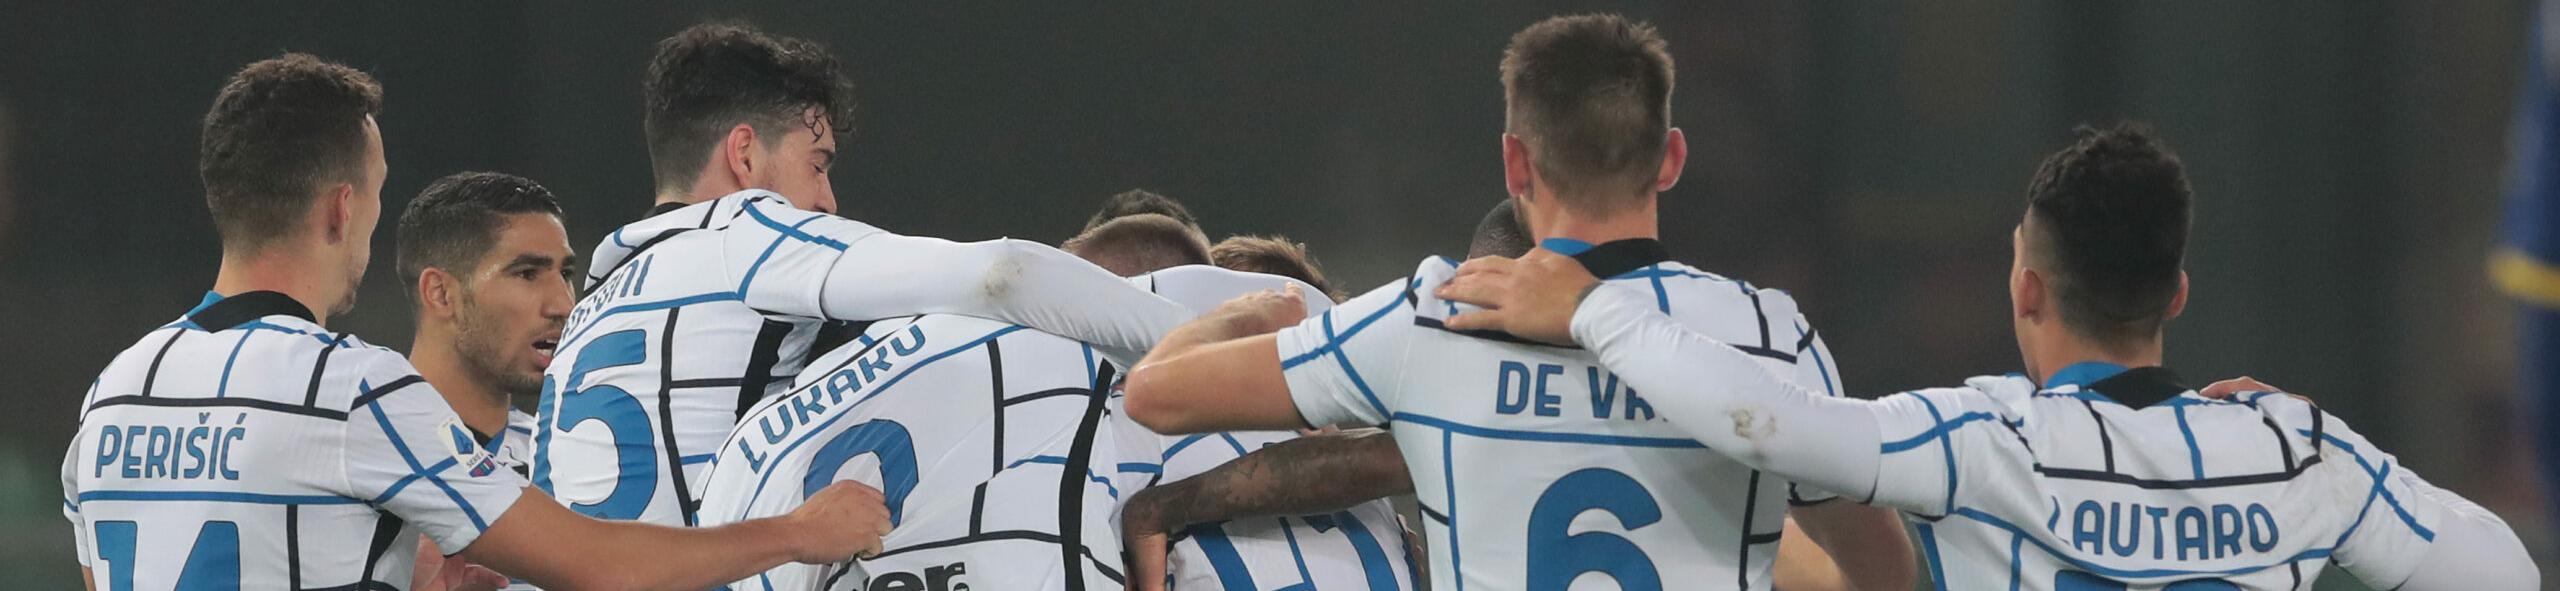 Inter-Verona: nerazzurri un po' scarichi, ma la meta si avvicina